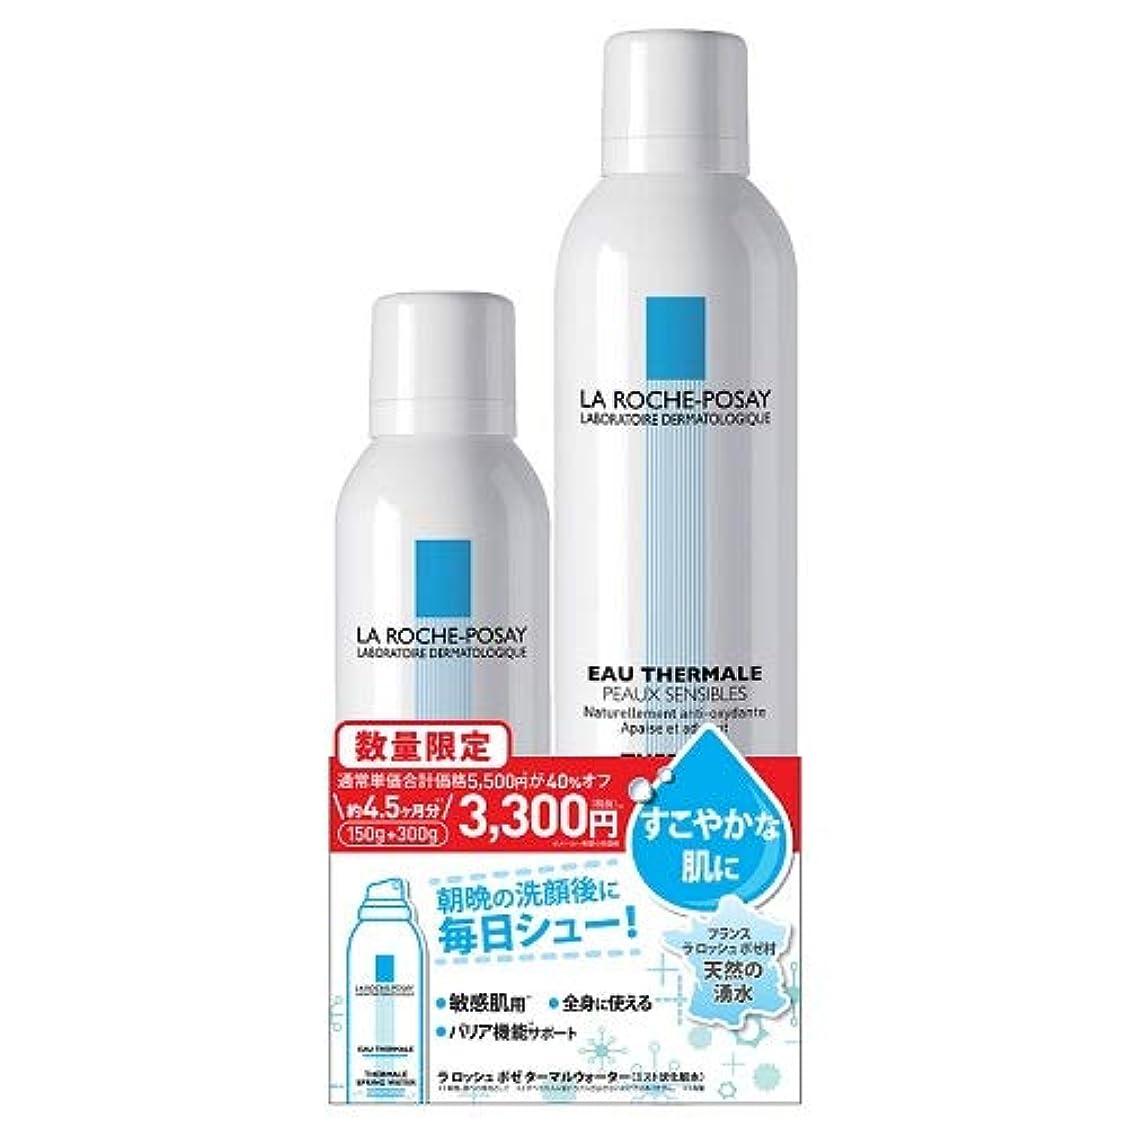 鎮静剤何おもしろいLa Roche-Posay(ラロッシュポゼ) 【敏感肌用*ミスト状化粧水】ターマルウォーター300g+150gキット